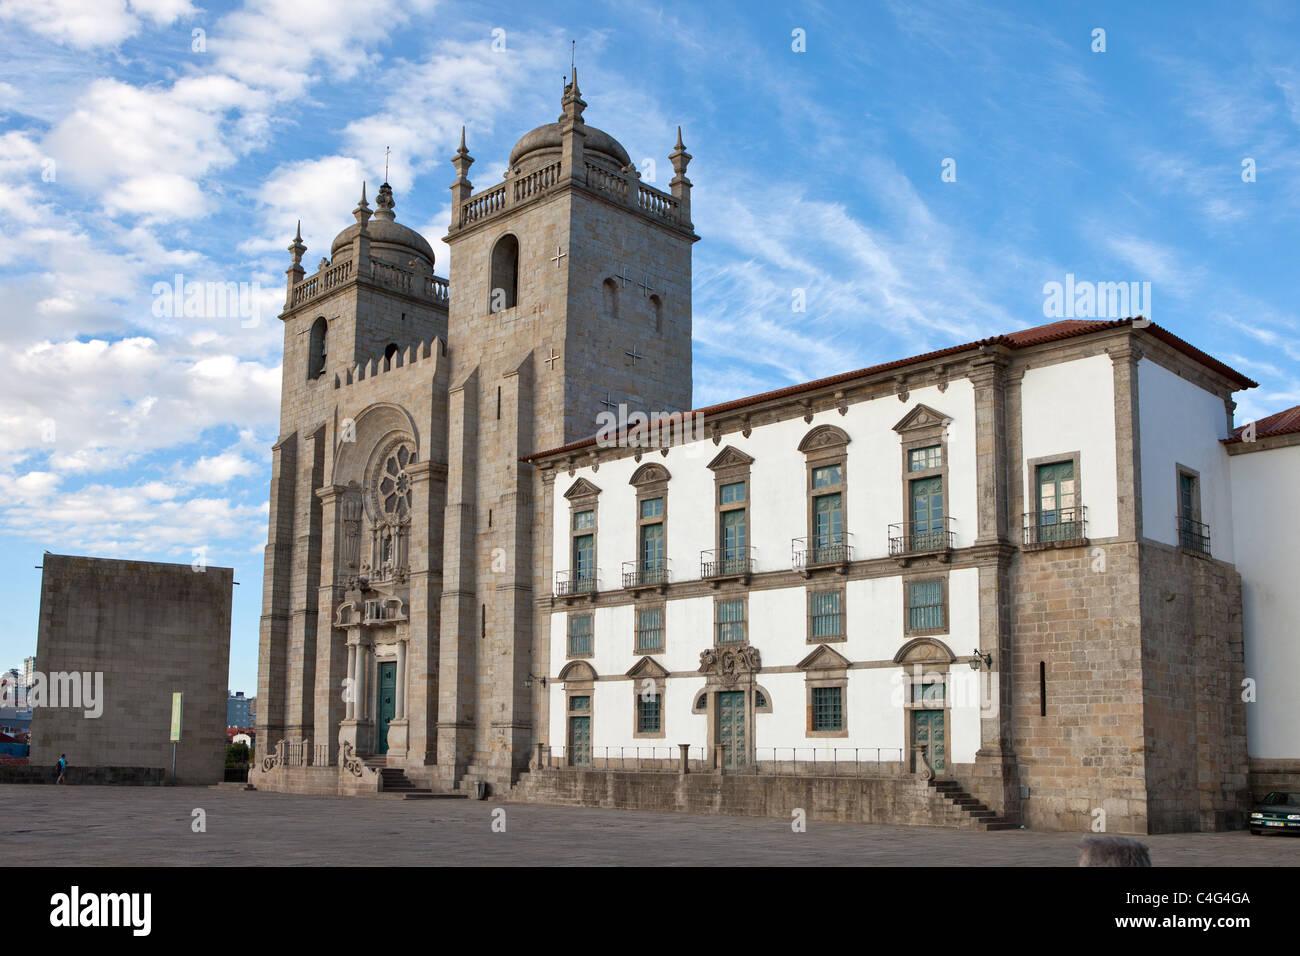 Se Cathedral, Porto, Oporto, portugal - Stock Image